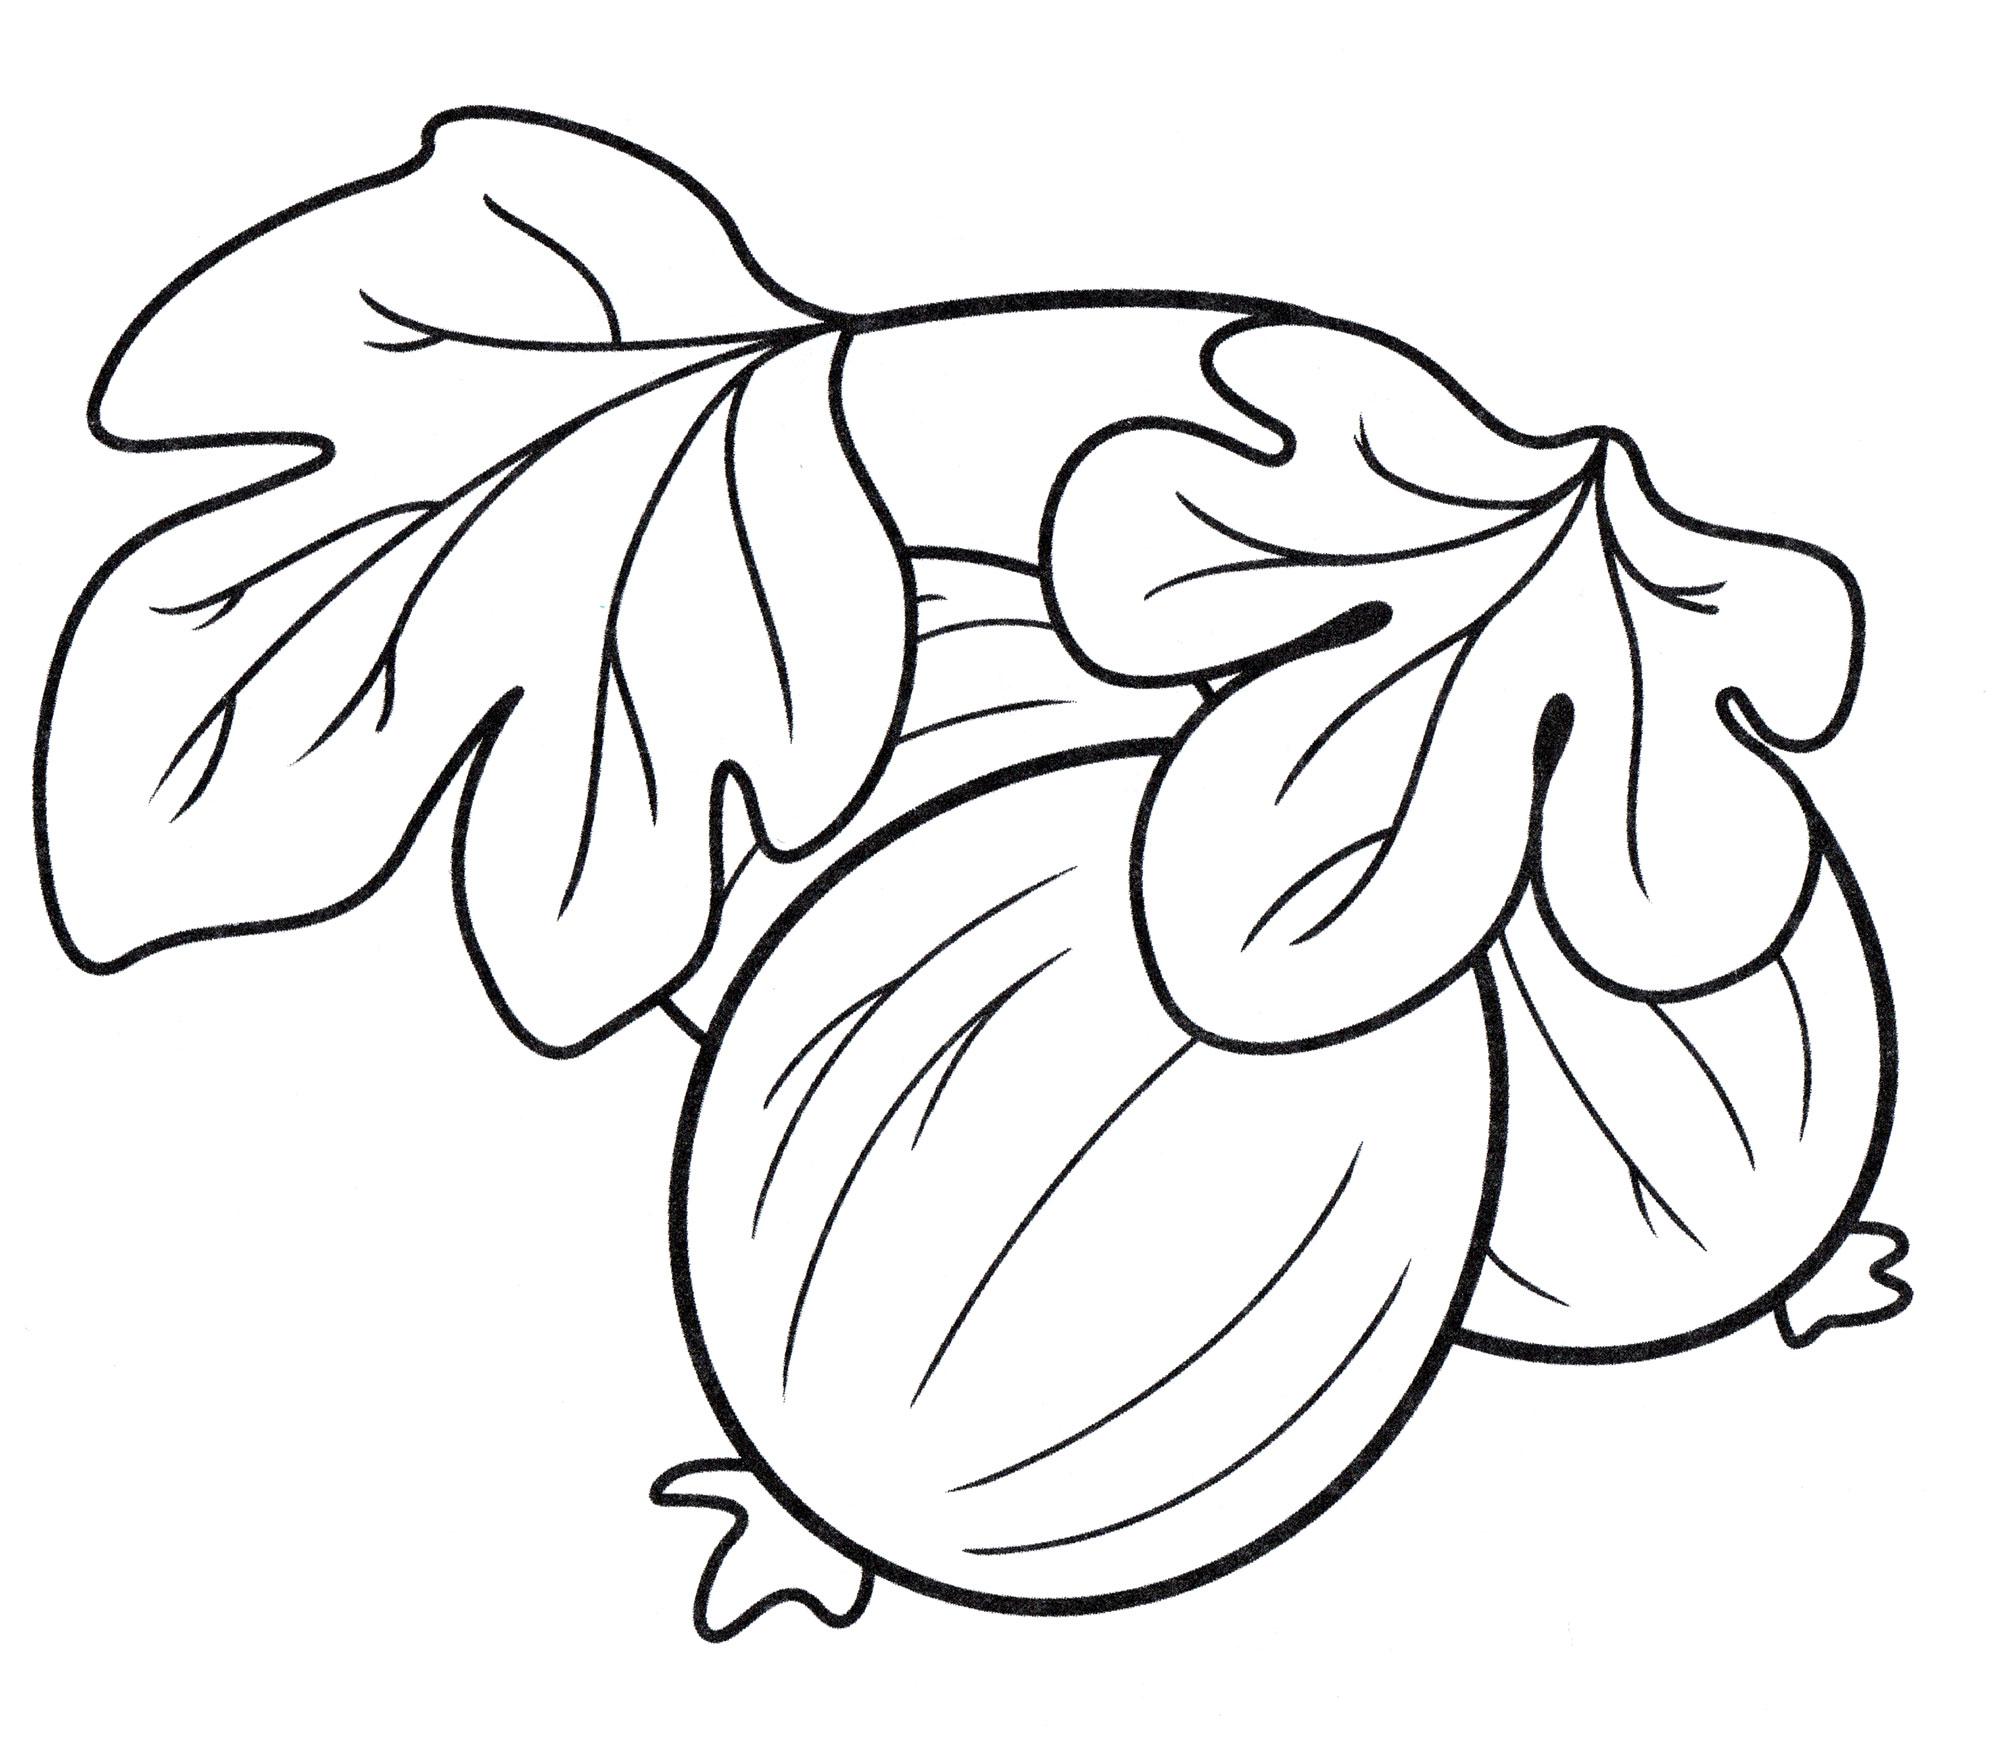 Раскраска Ягоды крыжовника - распечатать бесплатно